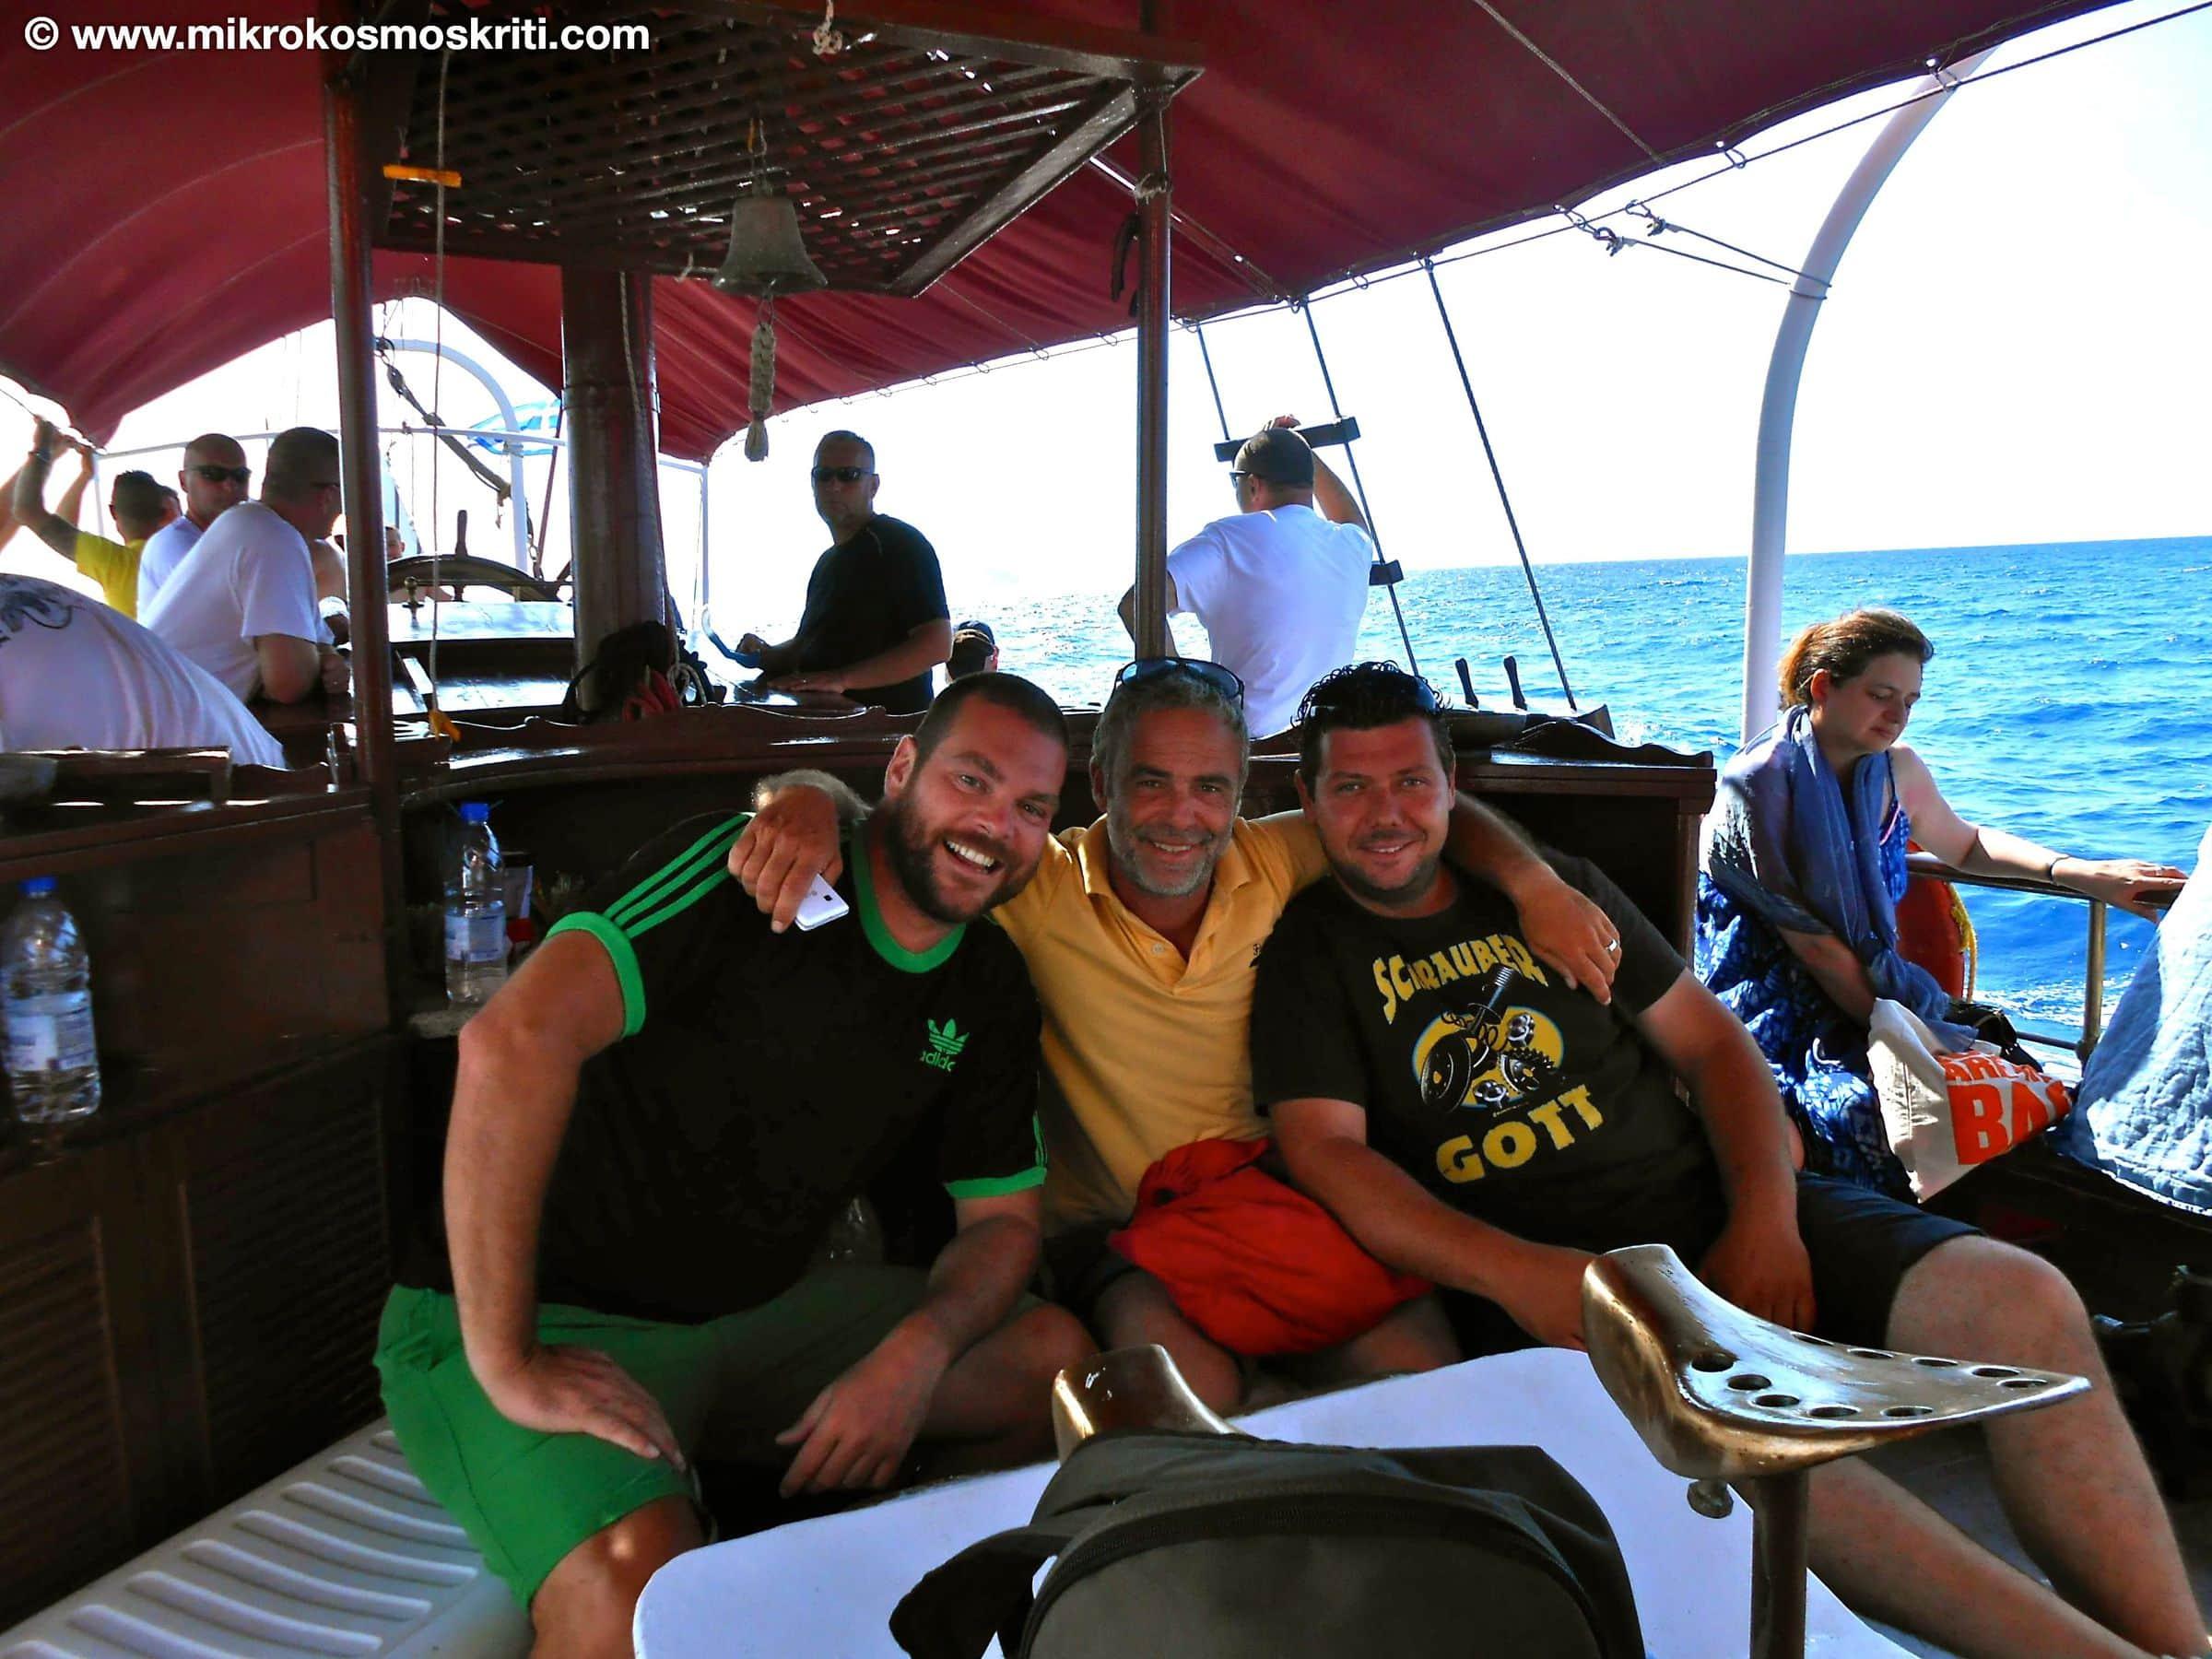 Enrico, Lefteris e Georgios migliorata con sito